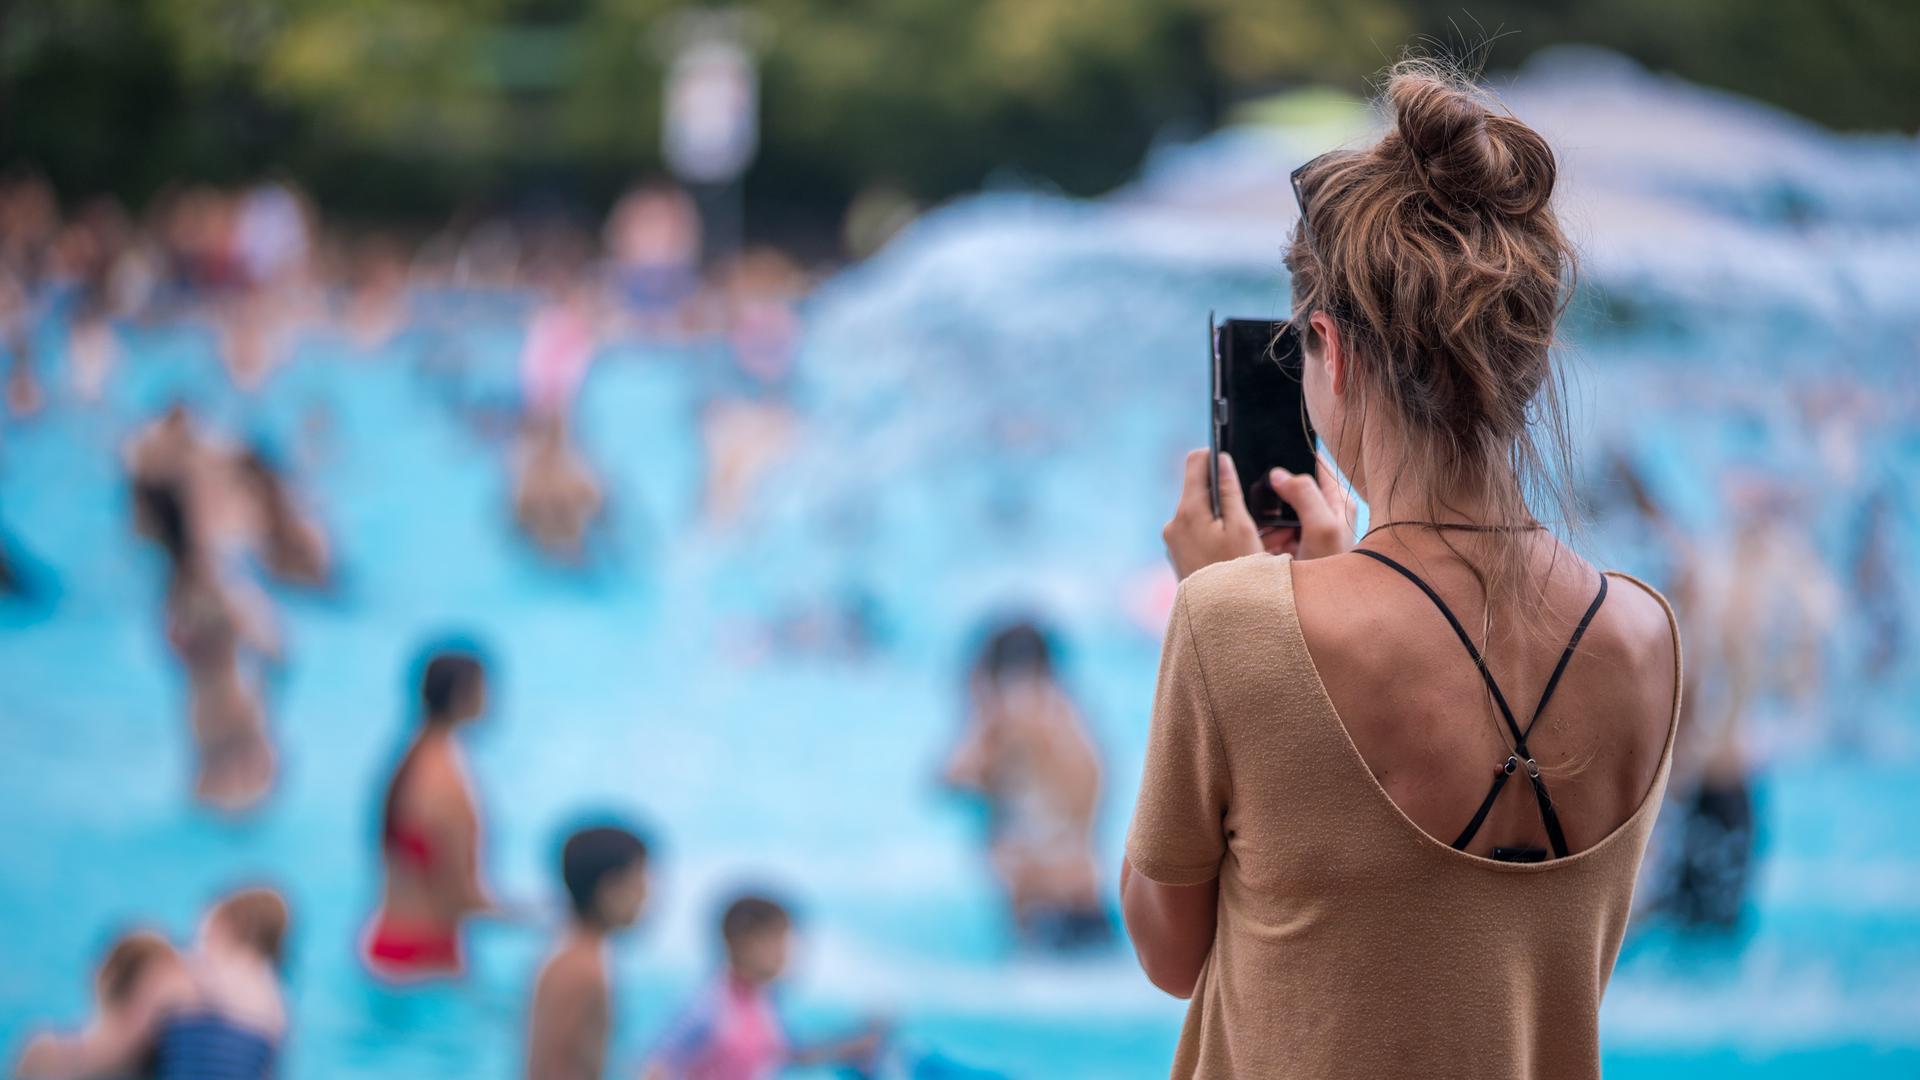 """ILLUSTRATION - Eine junge Frau fotografiert mit ihrem Handy im Prinzenbad. Hunderttausende Kinder und Erwachsene folgen minderjährigen Influencern auf Youtube, Instagram oder TikTok durch ihren Alltag, in den Park oder ins Schwimmbad. Hinter der Kamera, den Accounts und den Verträgen mit Unternehmen, die in den Videos ihre Produkte platzieren, stehen oft die Eltern. Es ist ein Phänomen in sozialen Netzwerken und auf Internetkanälen, das dem Deutschen Kinderhilfswerk langsam ein wenig unheimlich wird. (zu dpa: """"Kinderhilfswerk fordert besseren Schutz von Kinder-Influencern"""") +++ dpa-Bildfunk +++"""